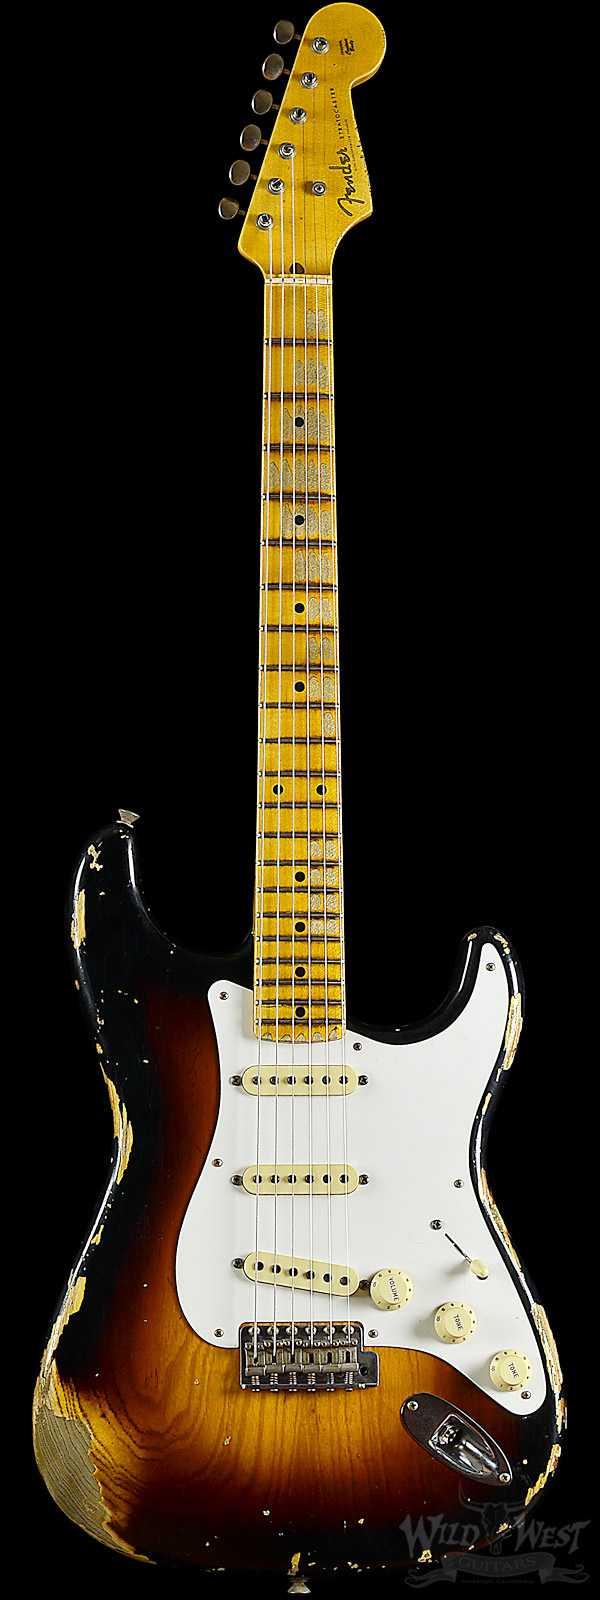 Fender Limited Edition 1956 Relic Stratocaster Wide Fade 2 Tone Sunburst